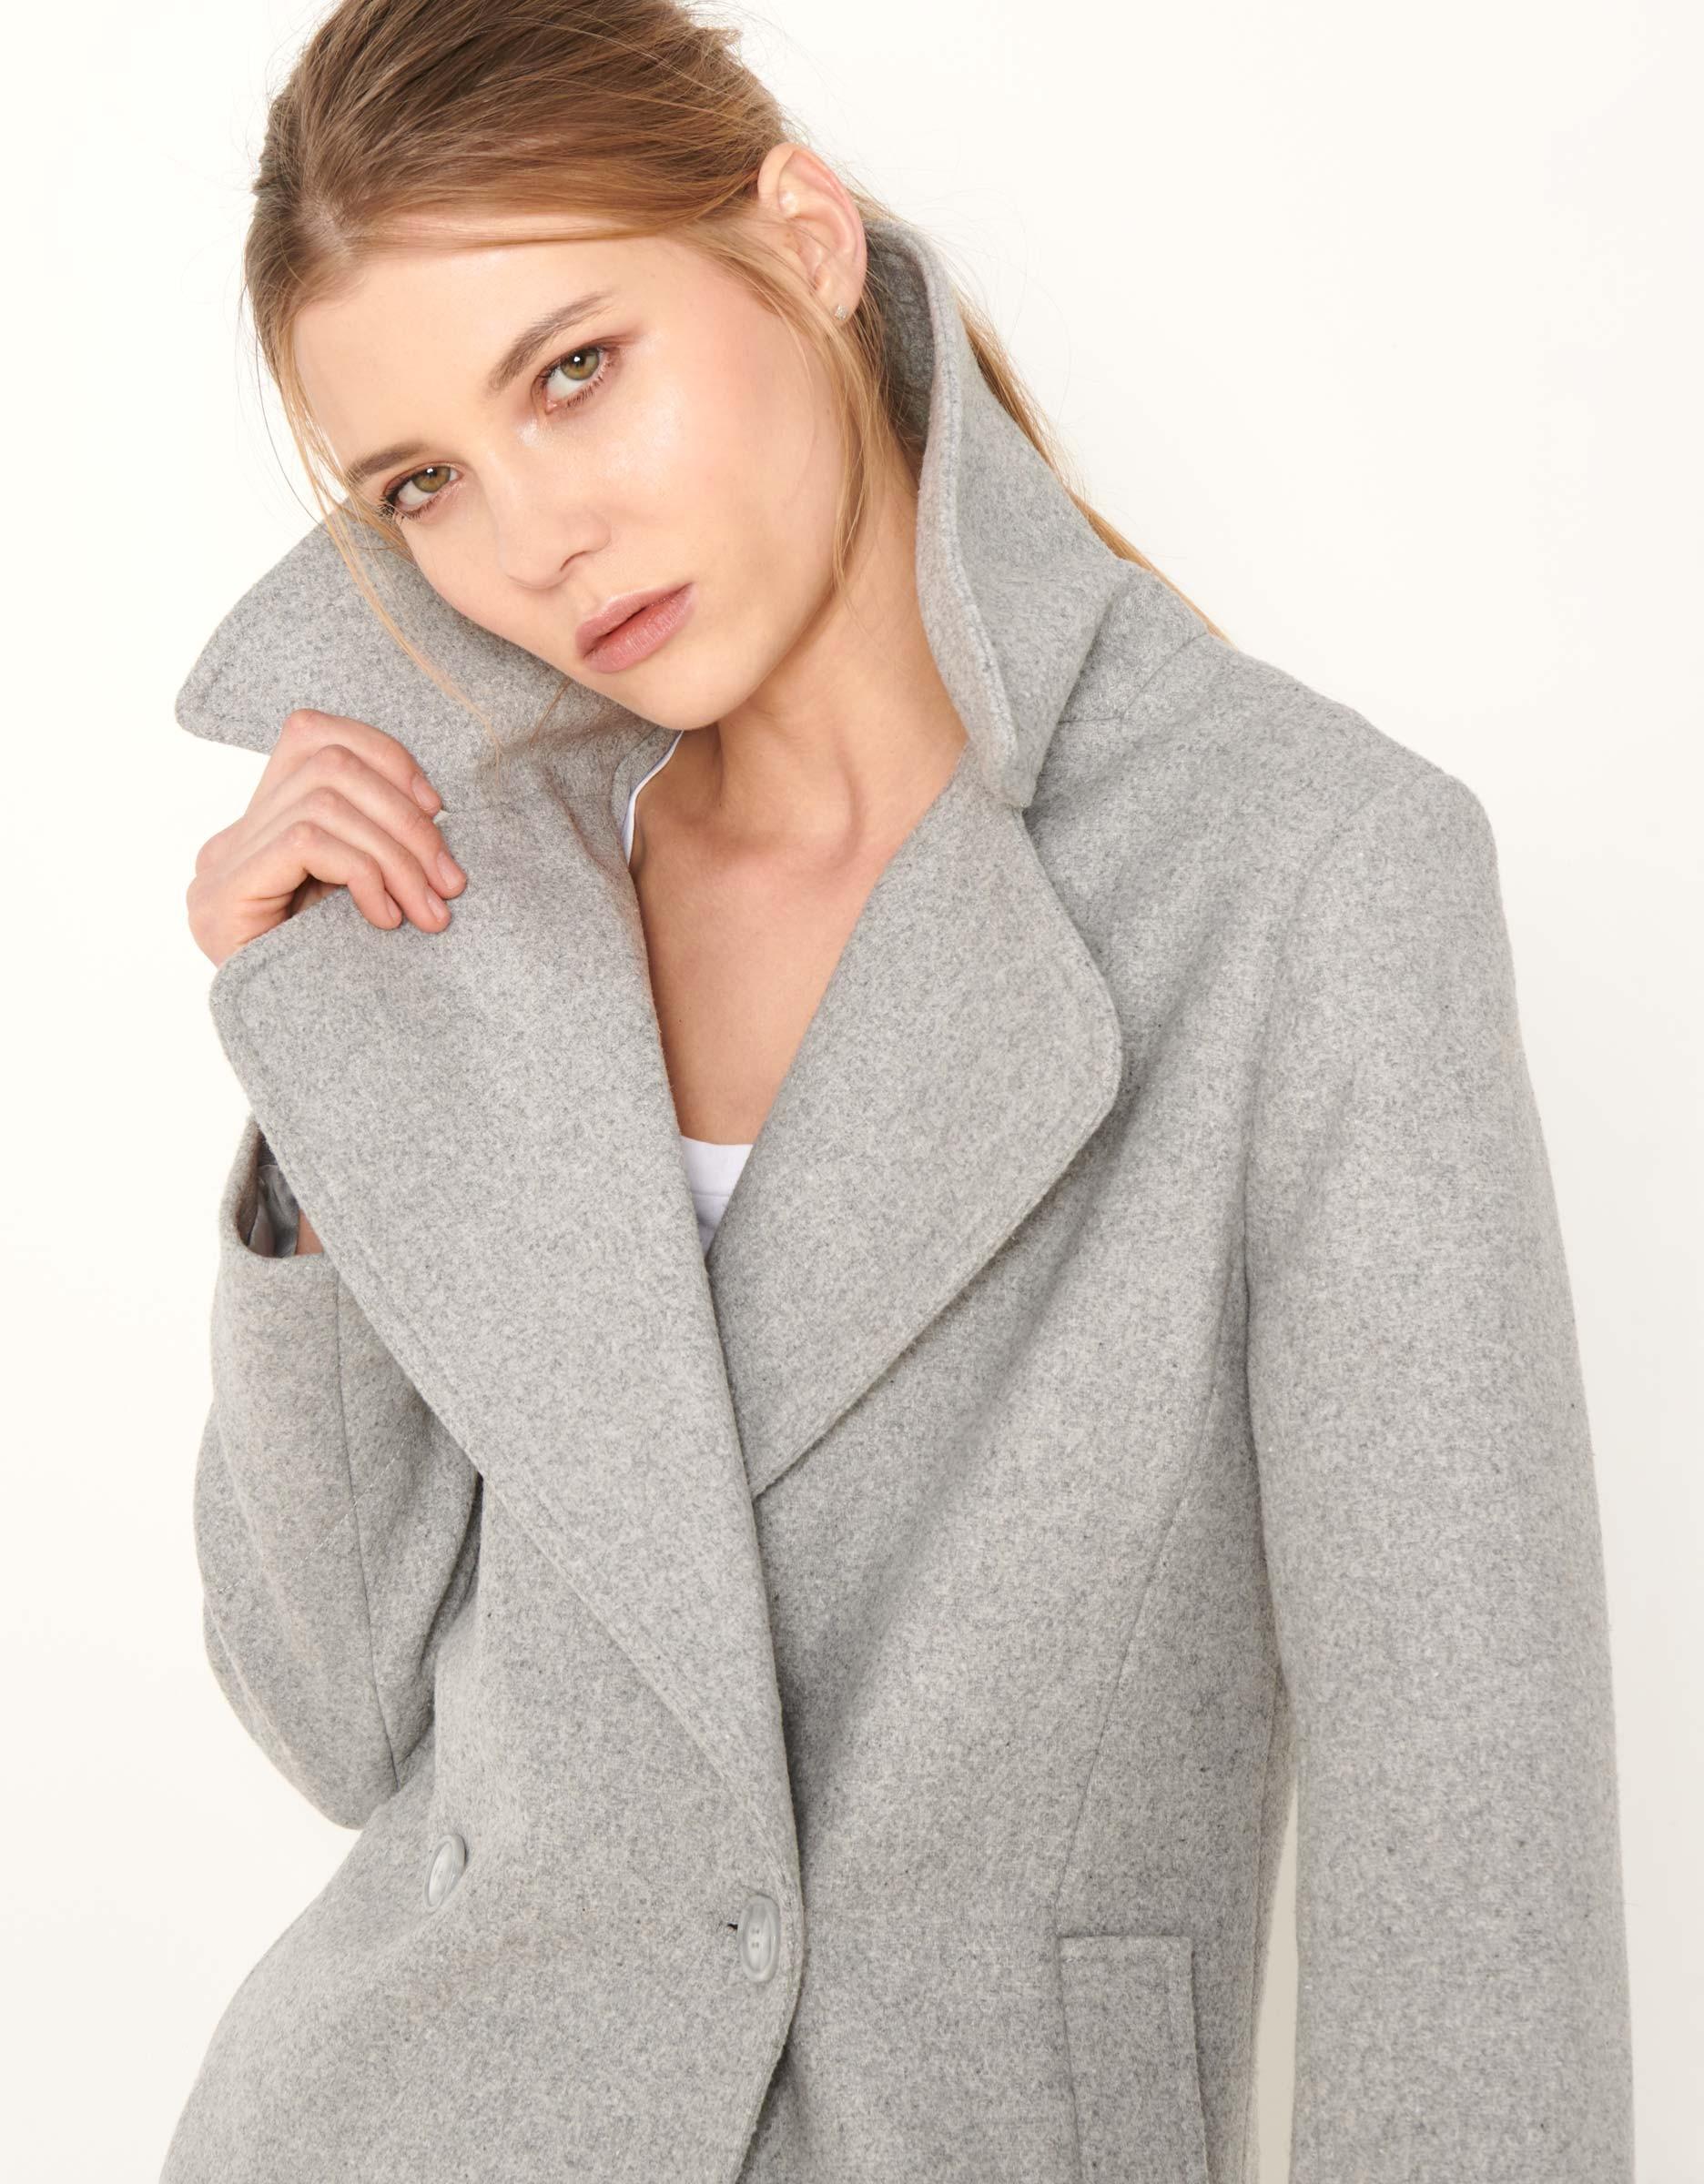 manteau mael color pour femme gris chine fonce reiko. Black Bedroom Furniture Sets. Home Design Ideas